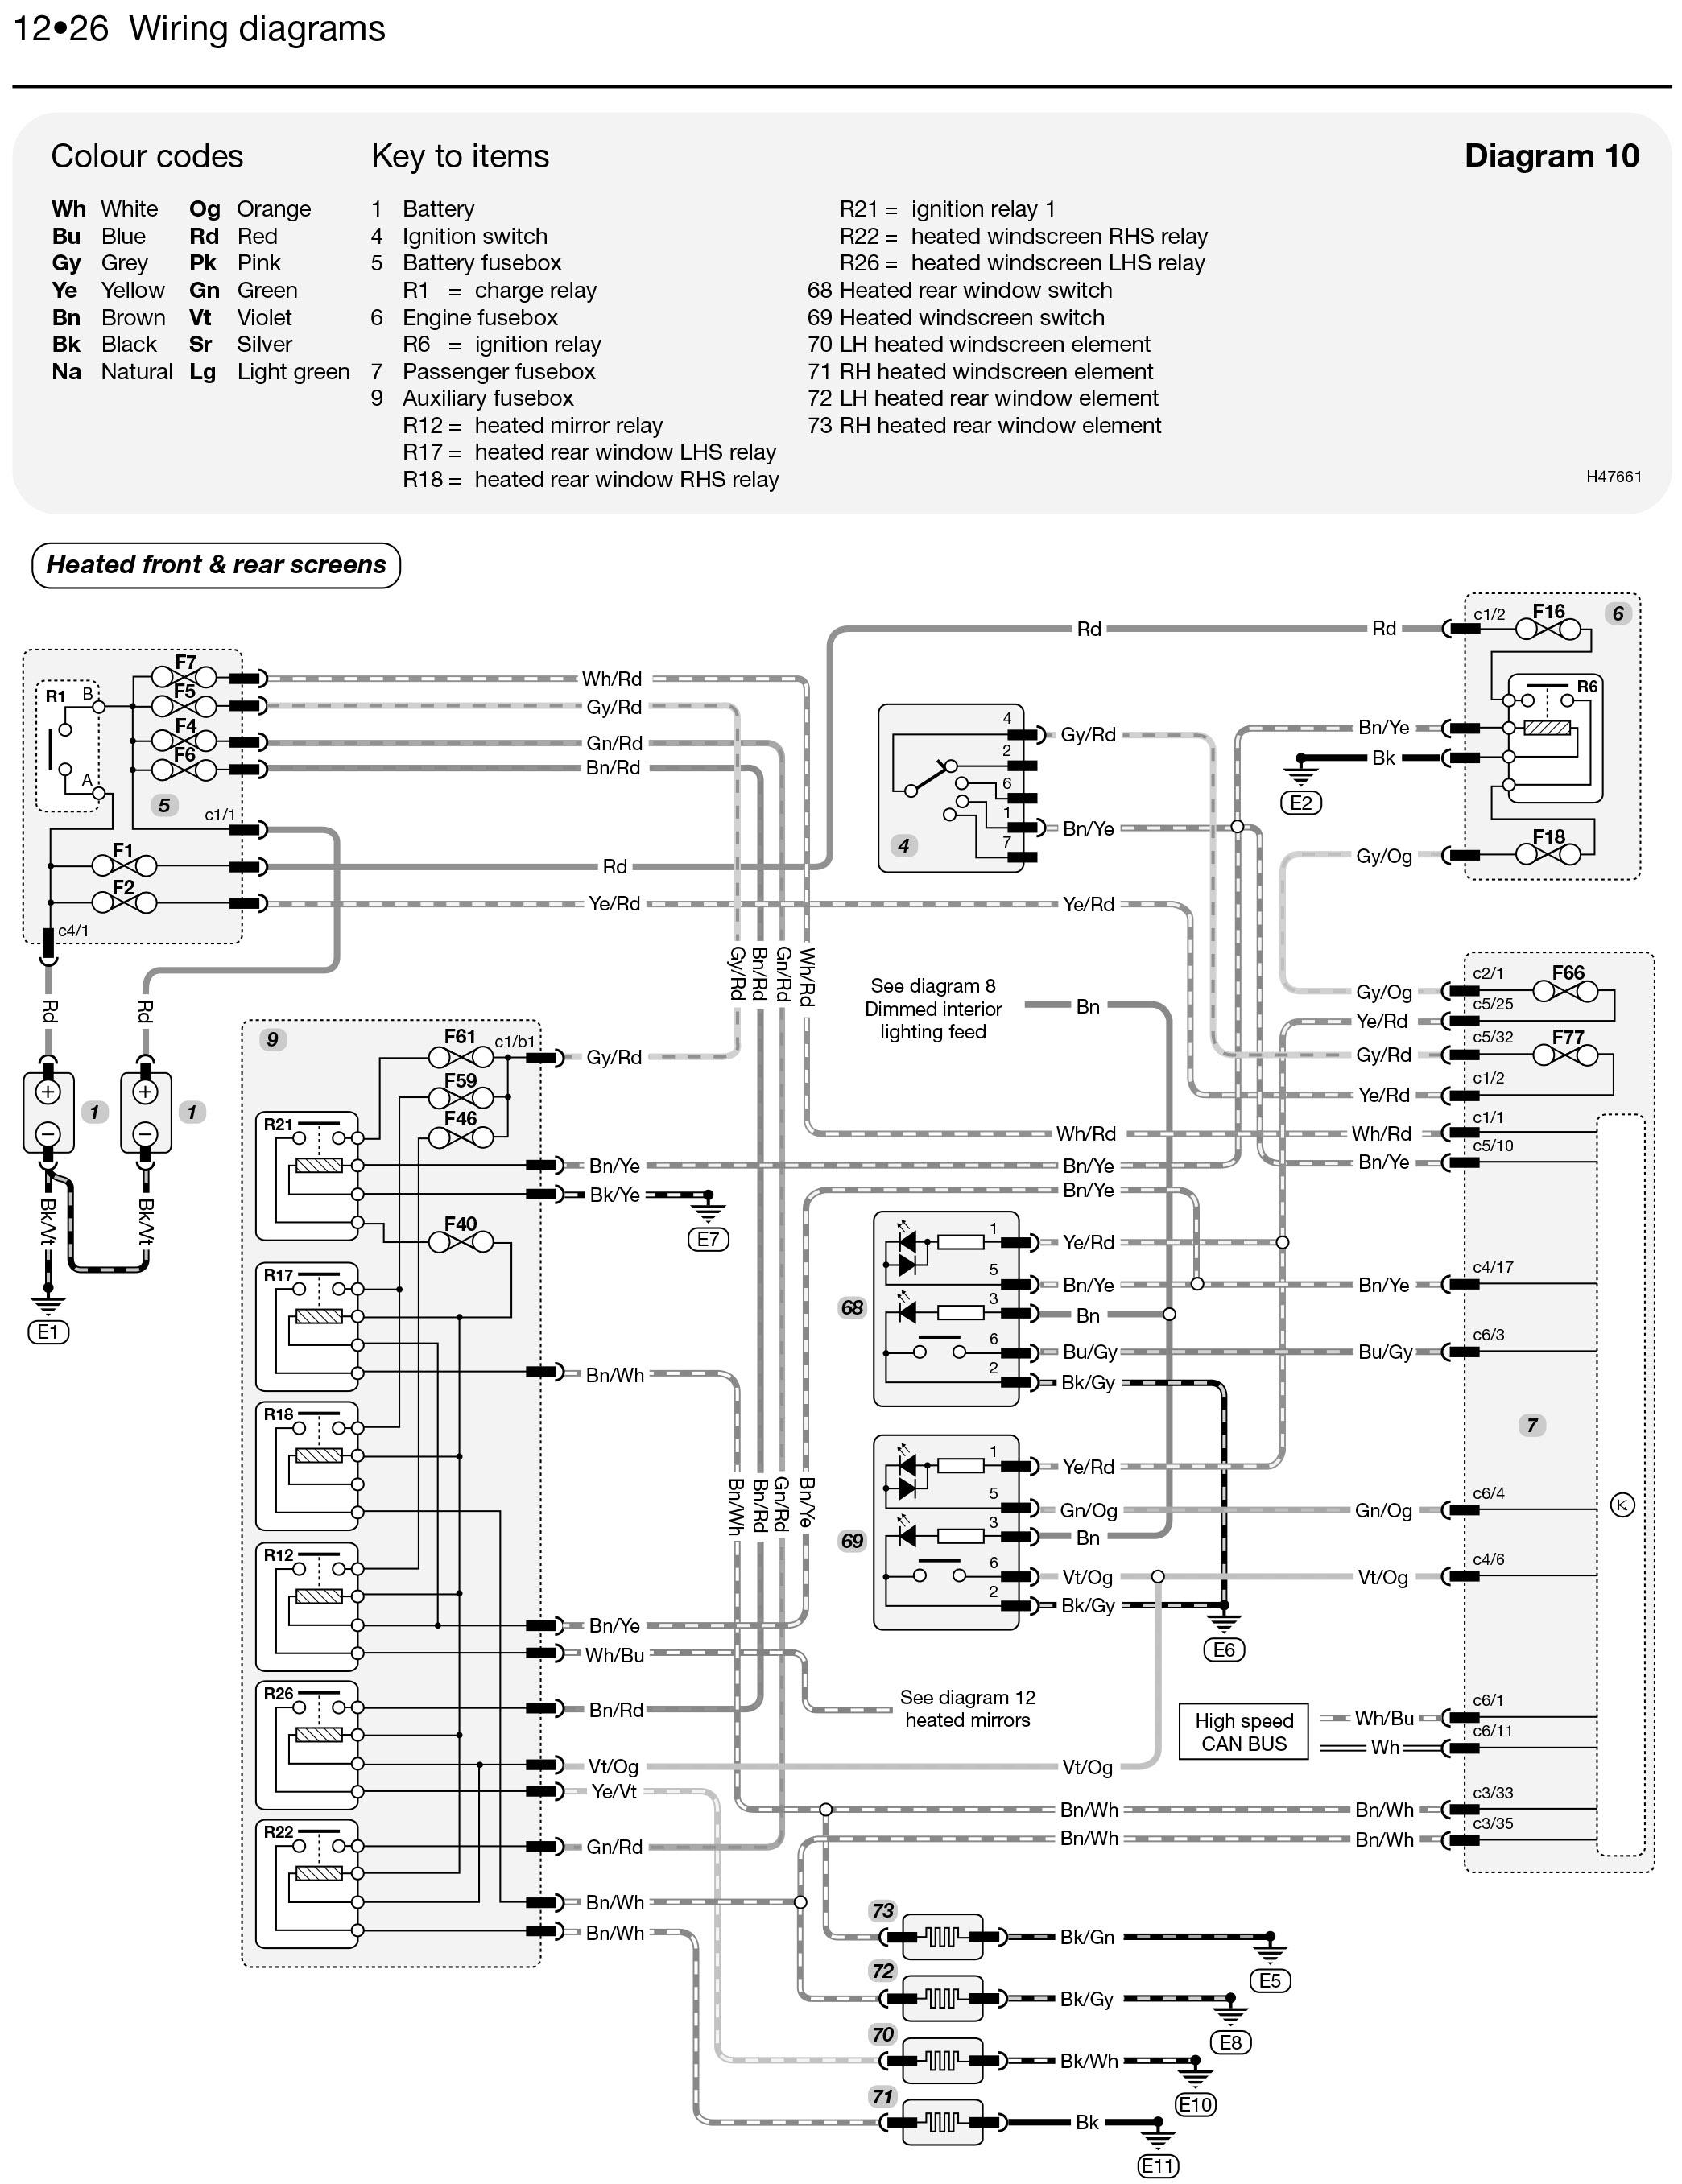 SE_3860] 2015 Ford Transit Wiring Diagram Download DiagramPuti None Caba Gresi Vira Mohammedshrine Librar Wiring 101